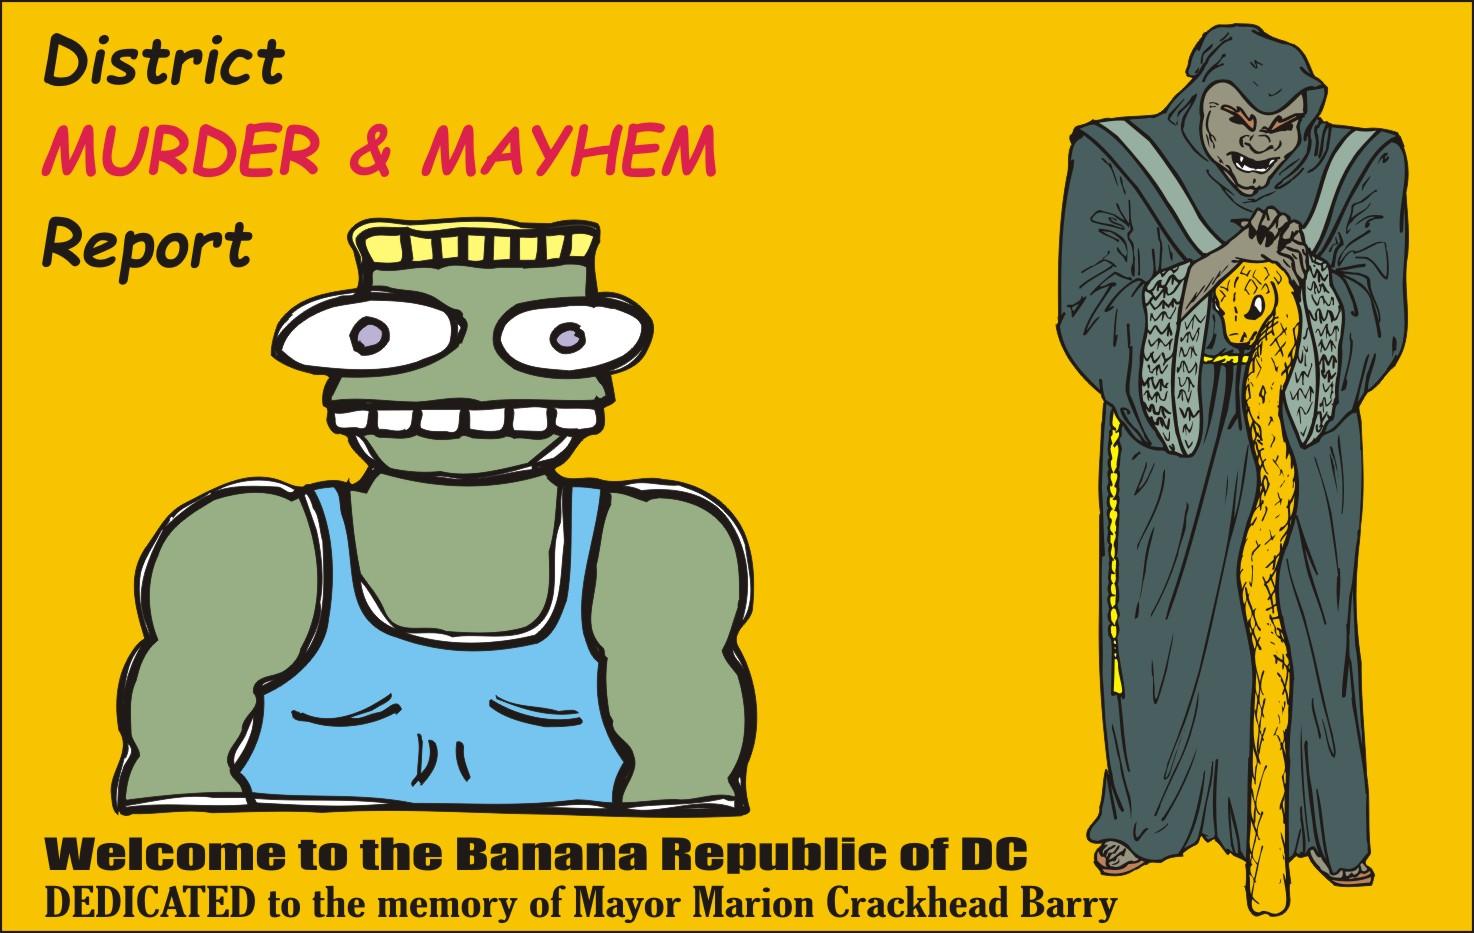 dc murDer Mayhem report